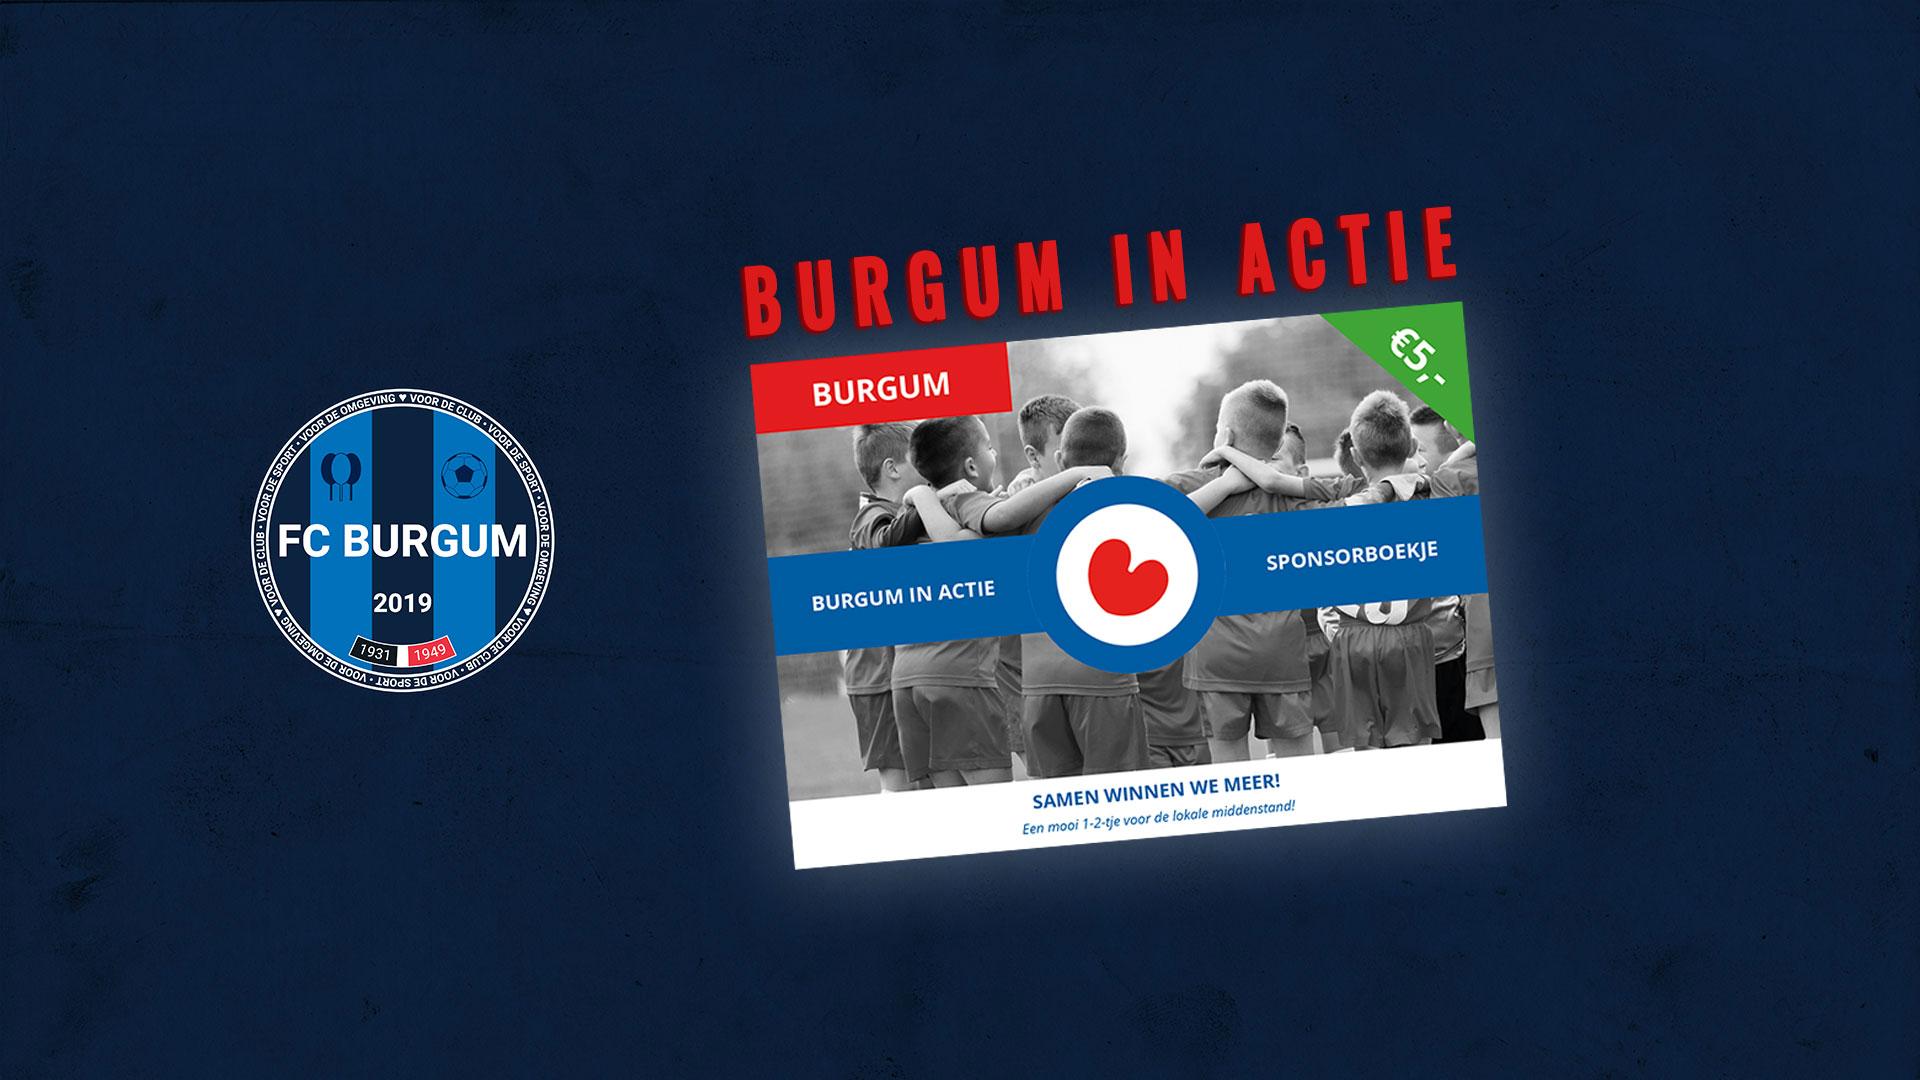 Heb jij al een sponsorboekje voor FC Burgum besteld?